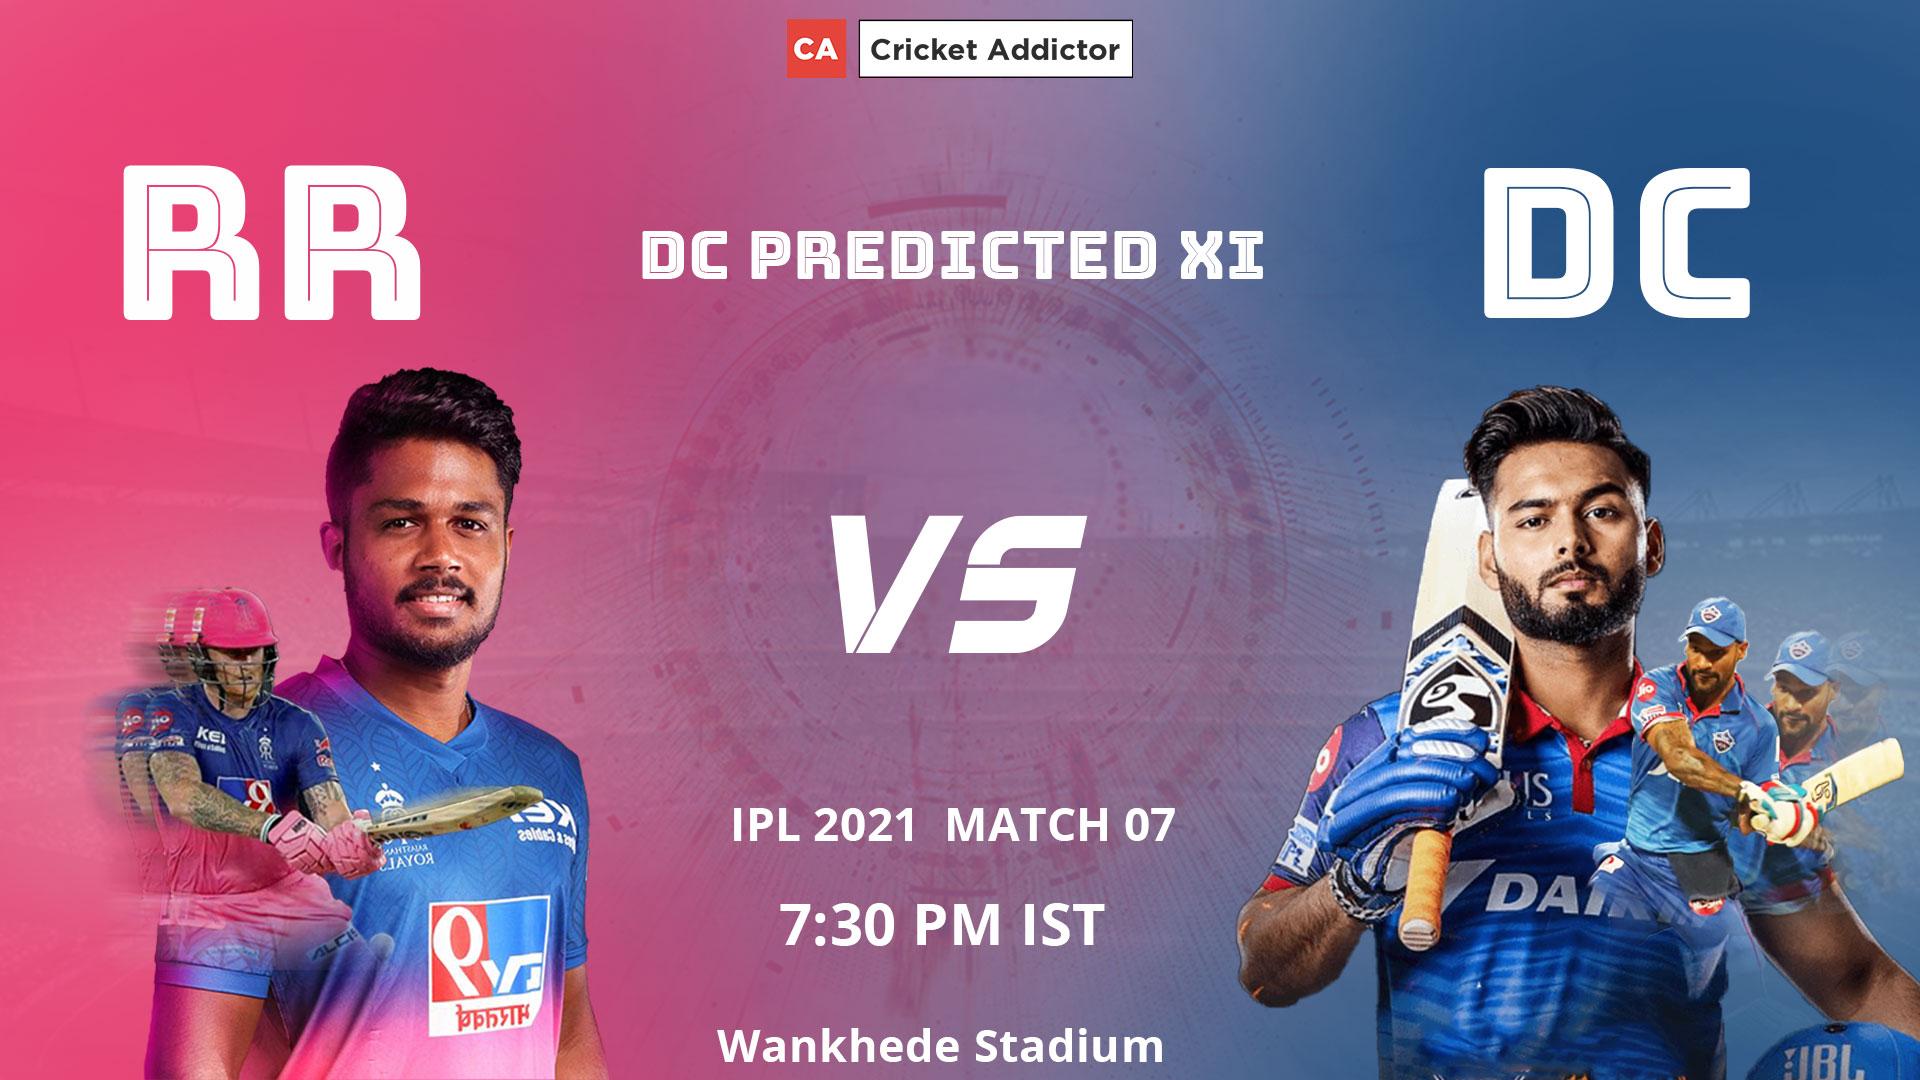 IPL 2021, Delhi Capitals, RR vs DC, predicted playing XI, playing XI